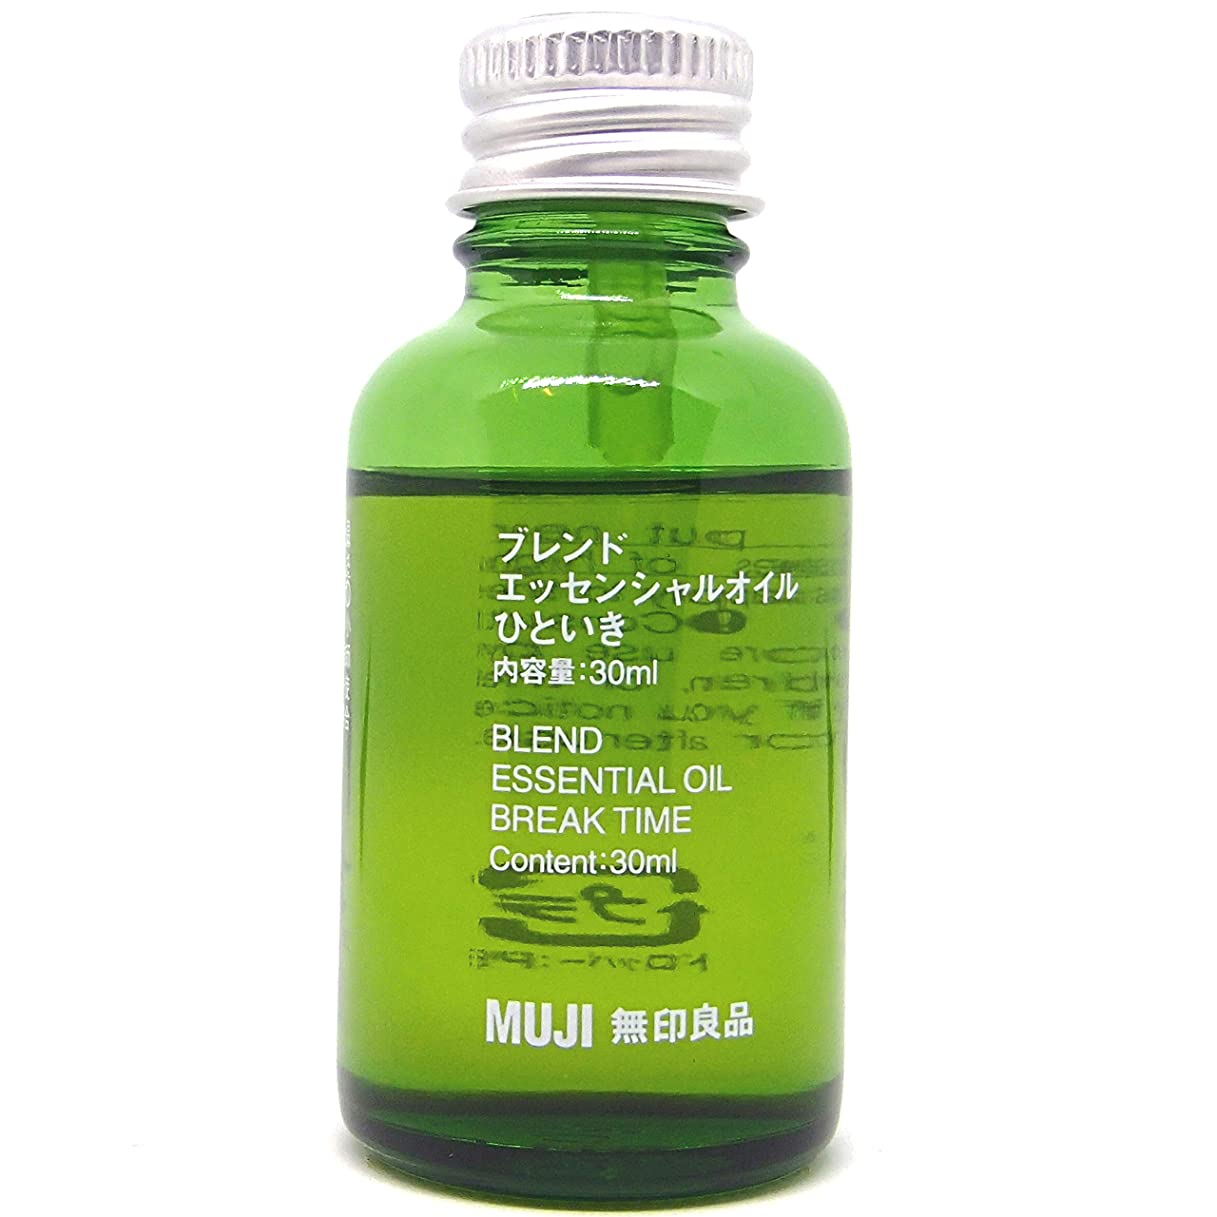 出身地芝生ラジウム【無印良品】エッセンシャルオイル30ml(ひといき)